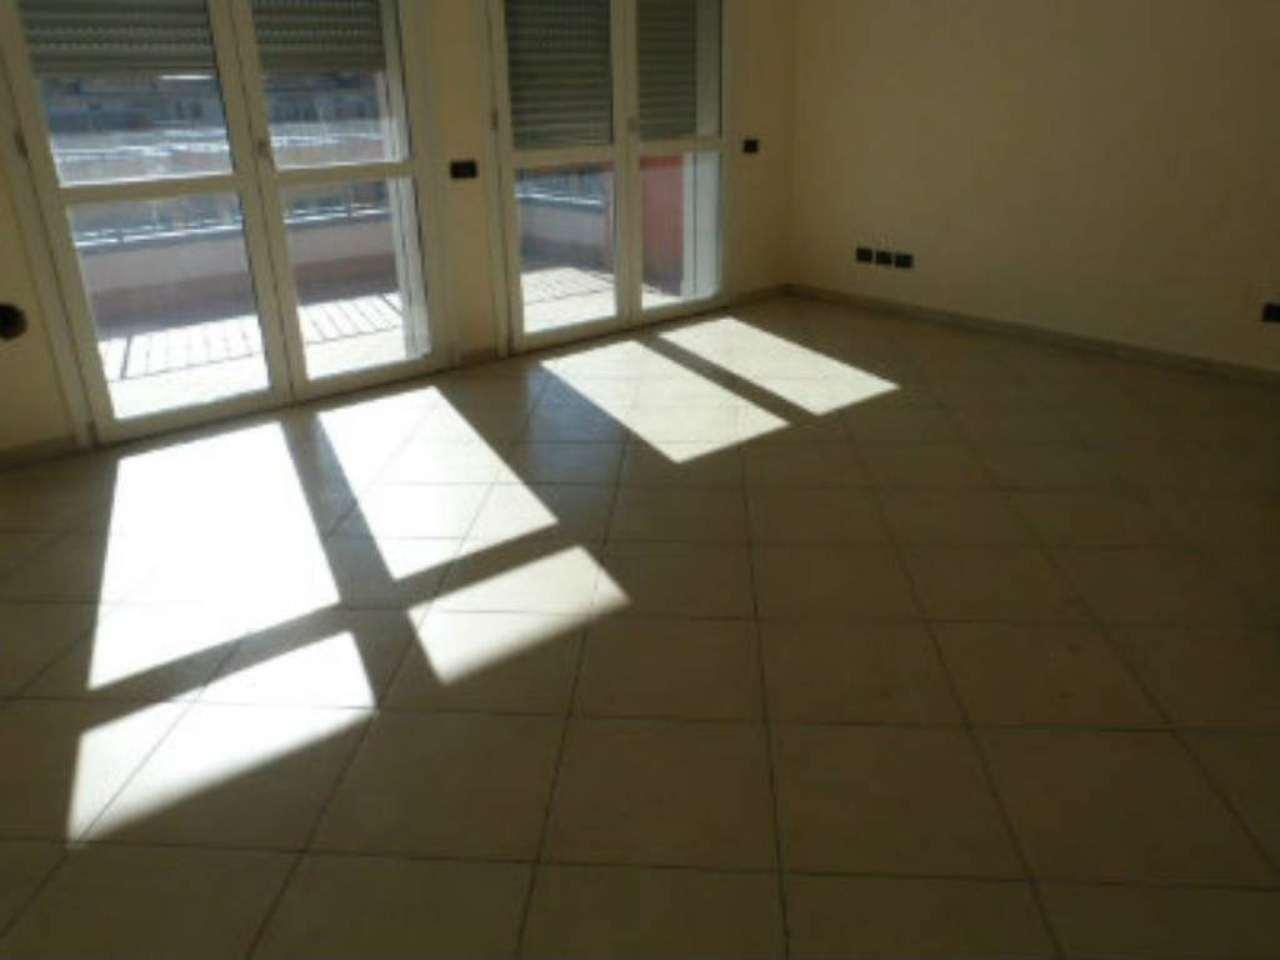 Appartamento in vendita a Como, 3 locali, zona Zona: 7 . Breccia - Camerlata - Rebbio, prezzo € 225.000 | Cambio Casa.it